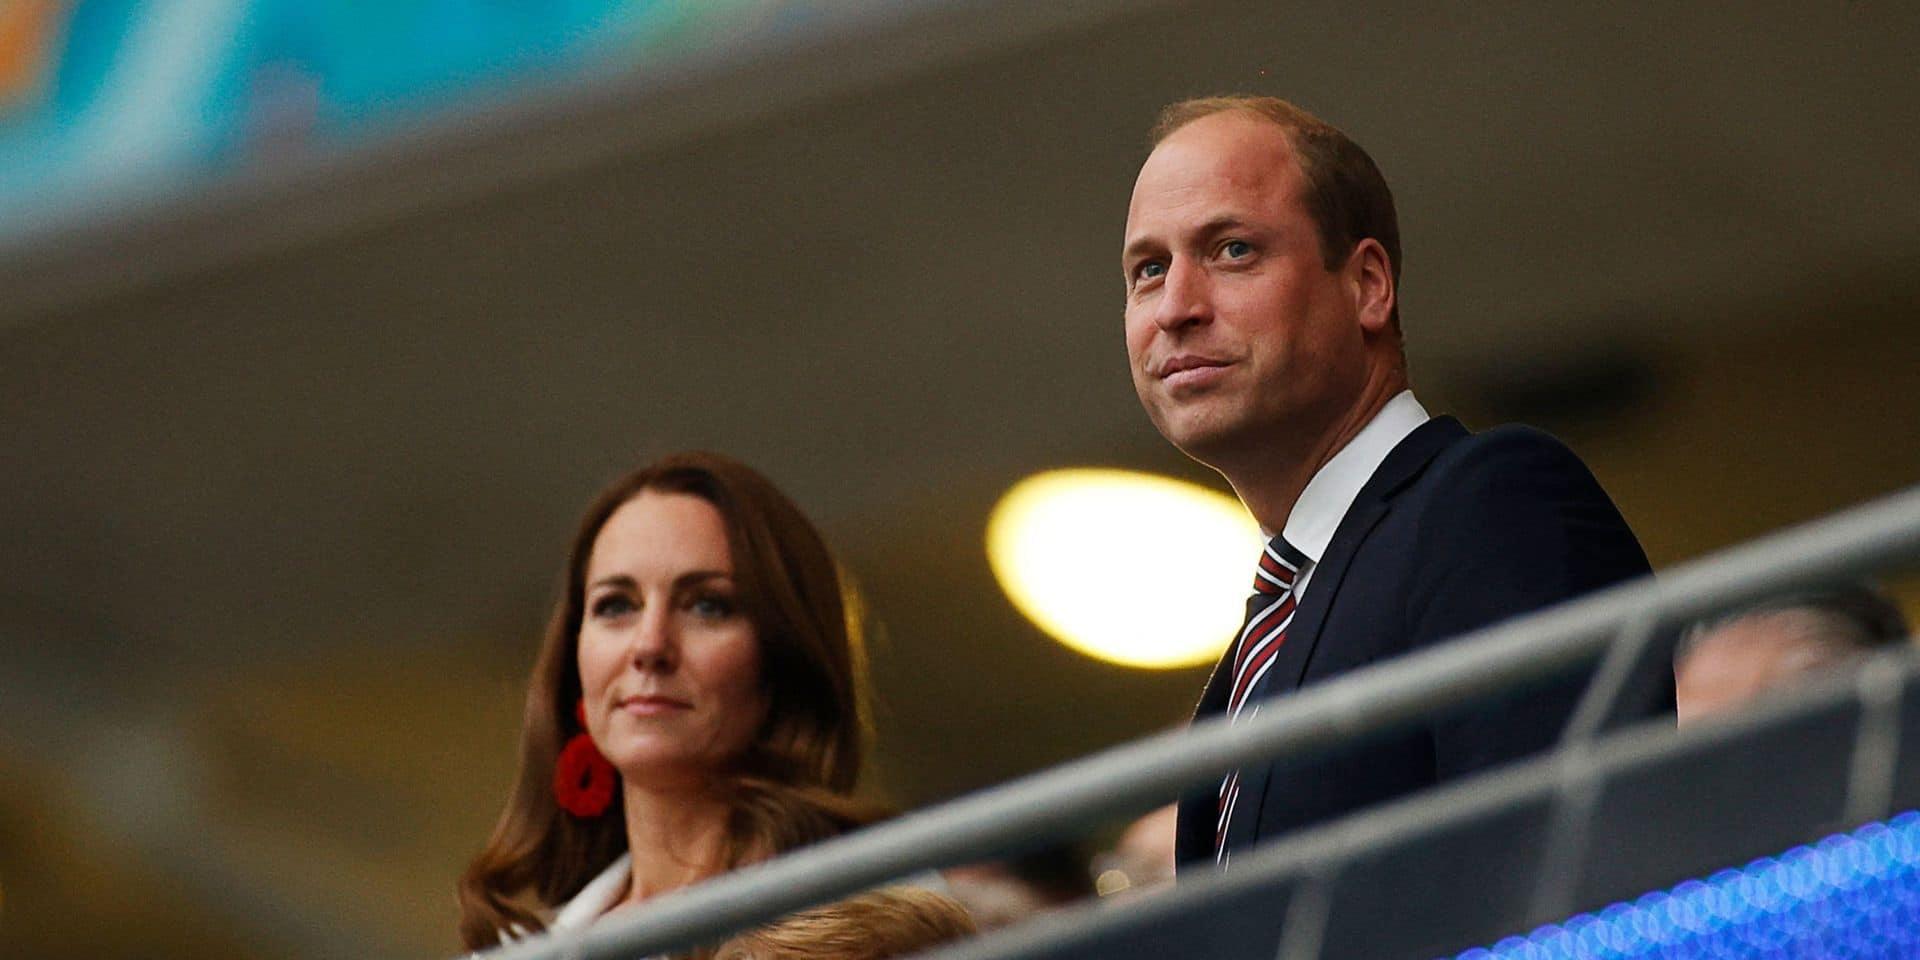 Le prince William et son épouse Kate avait fait le déplacement à Wembley, ce dimanche soir.